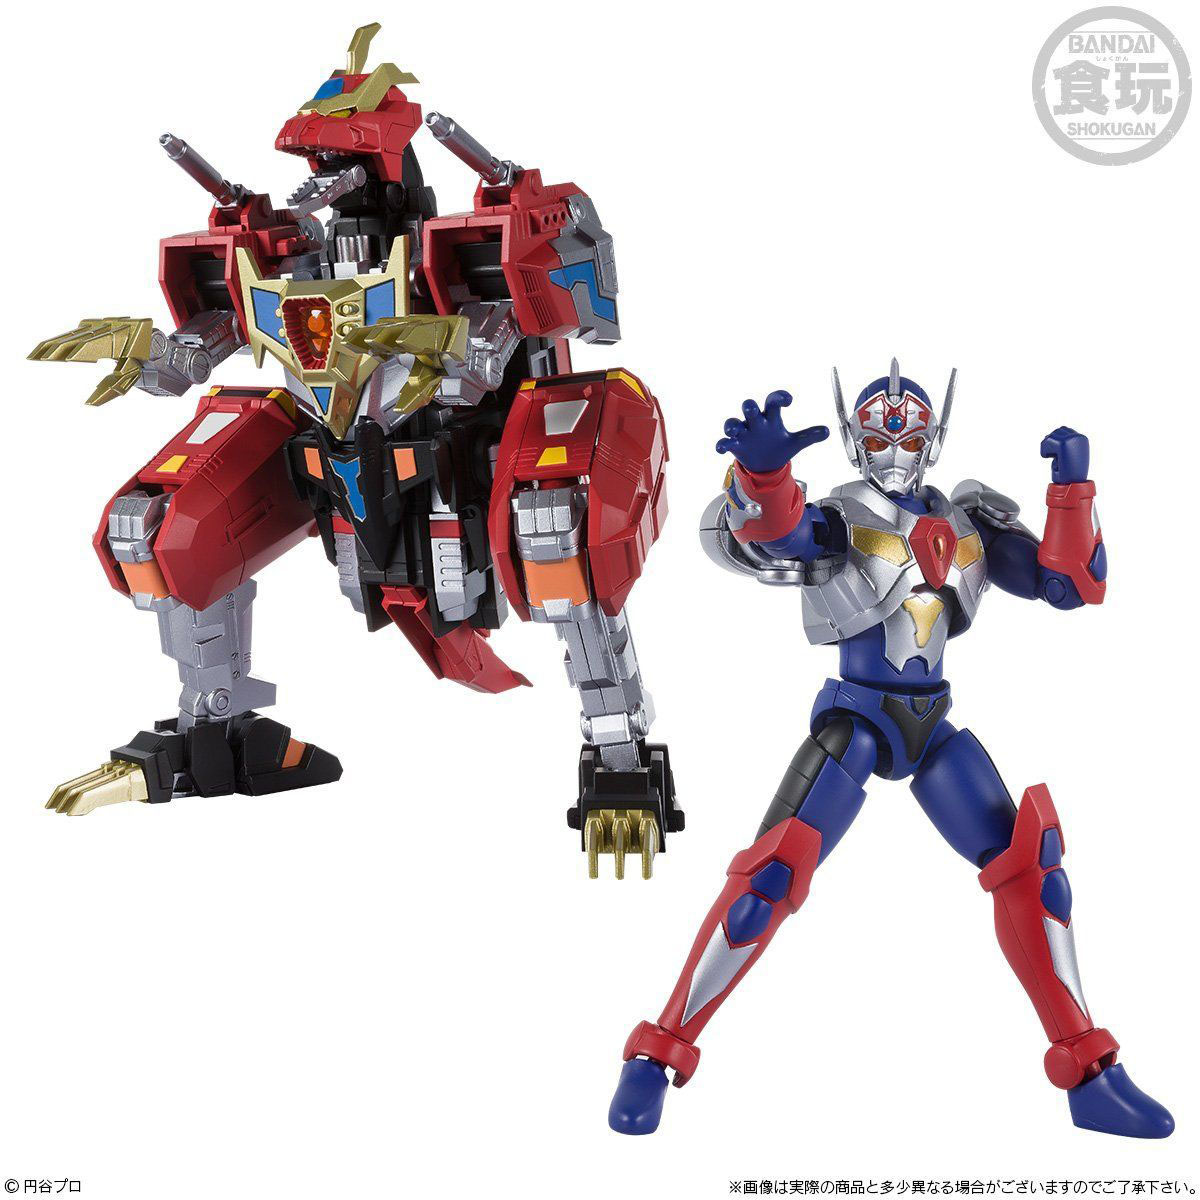 【食玩】スーパーミニプラ『ダイナドラゴン&グリッドマンシグマ セット』電光超人グリッドマン プラモデル-001